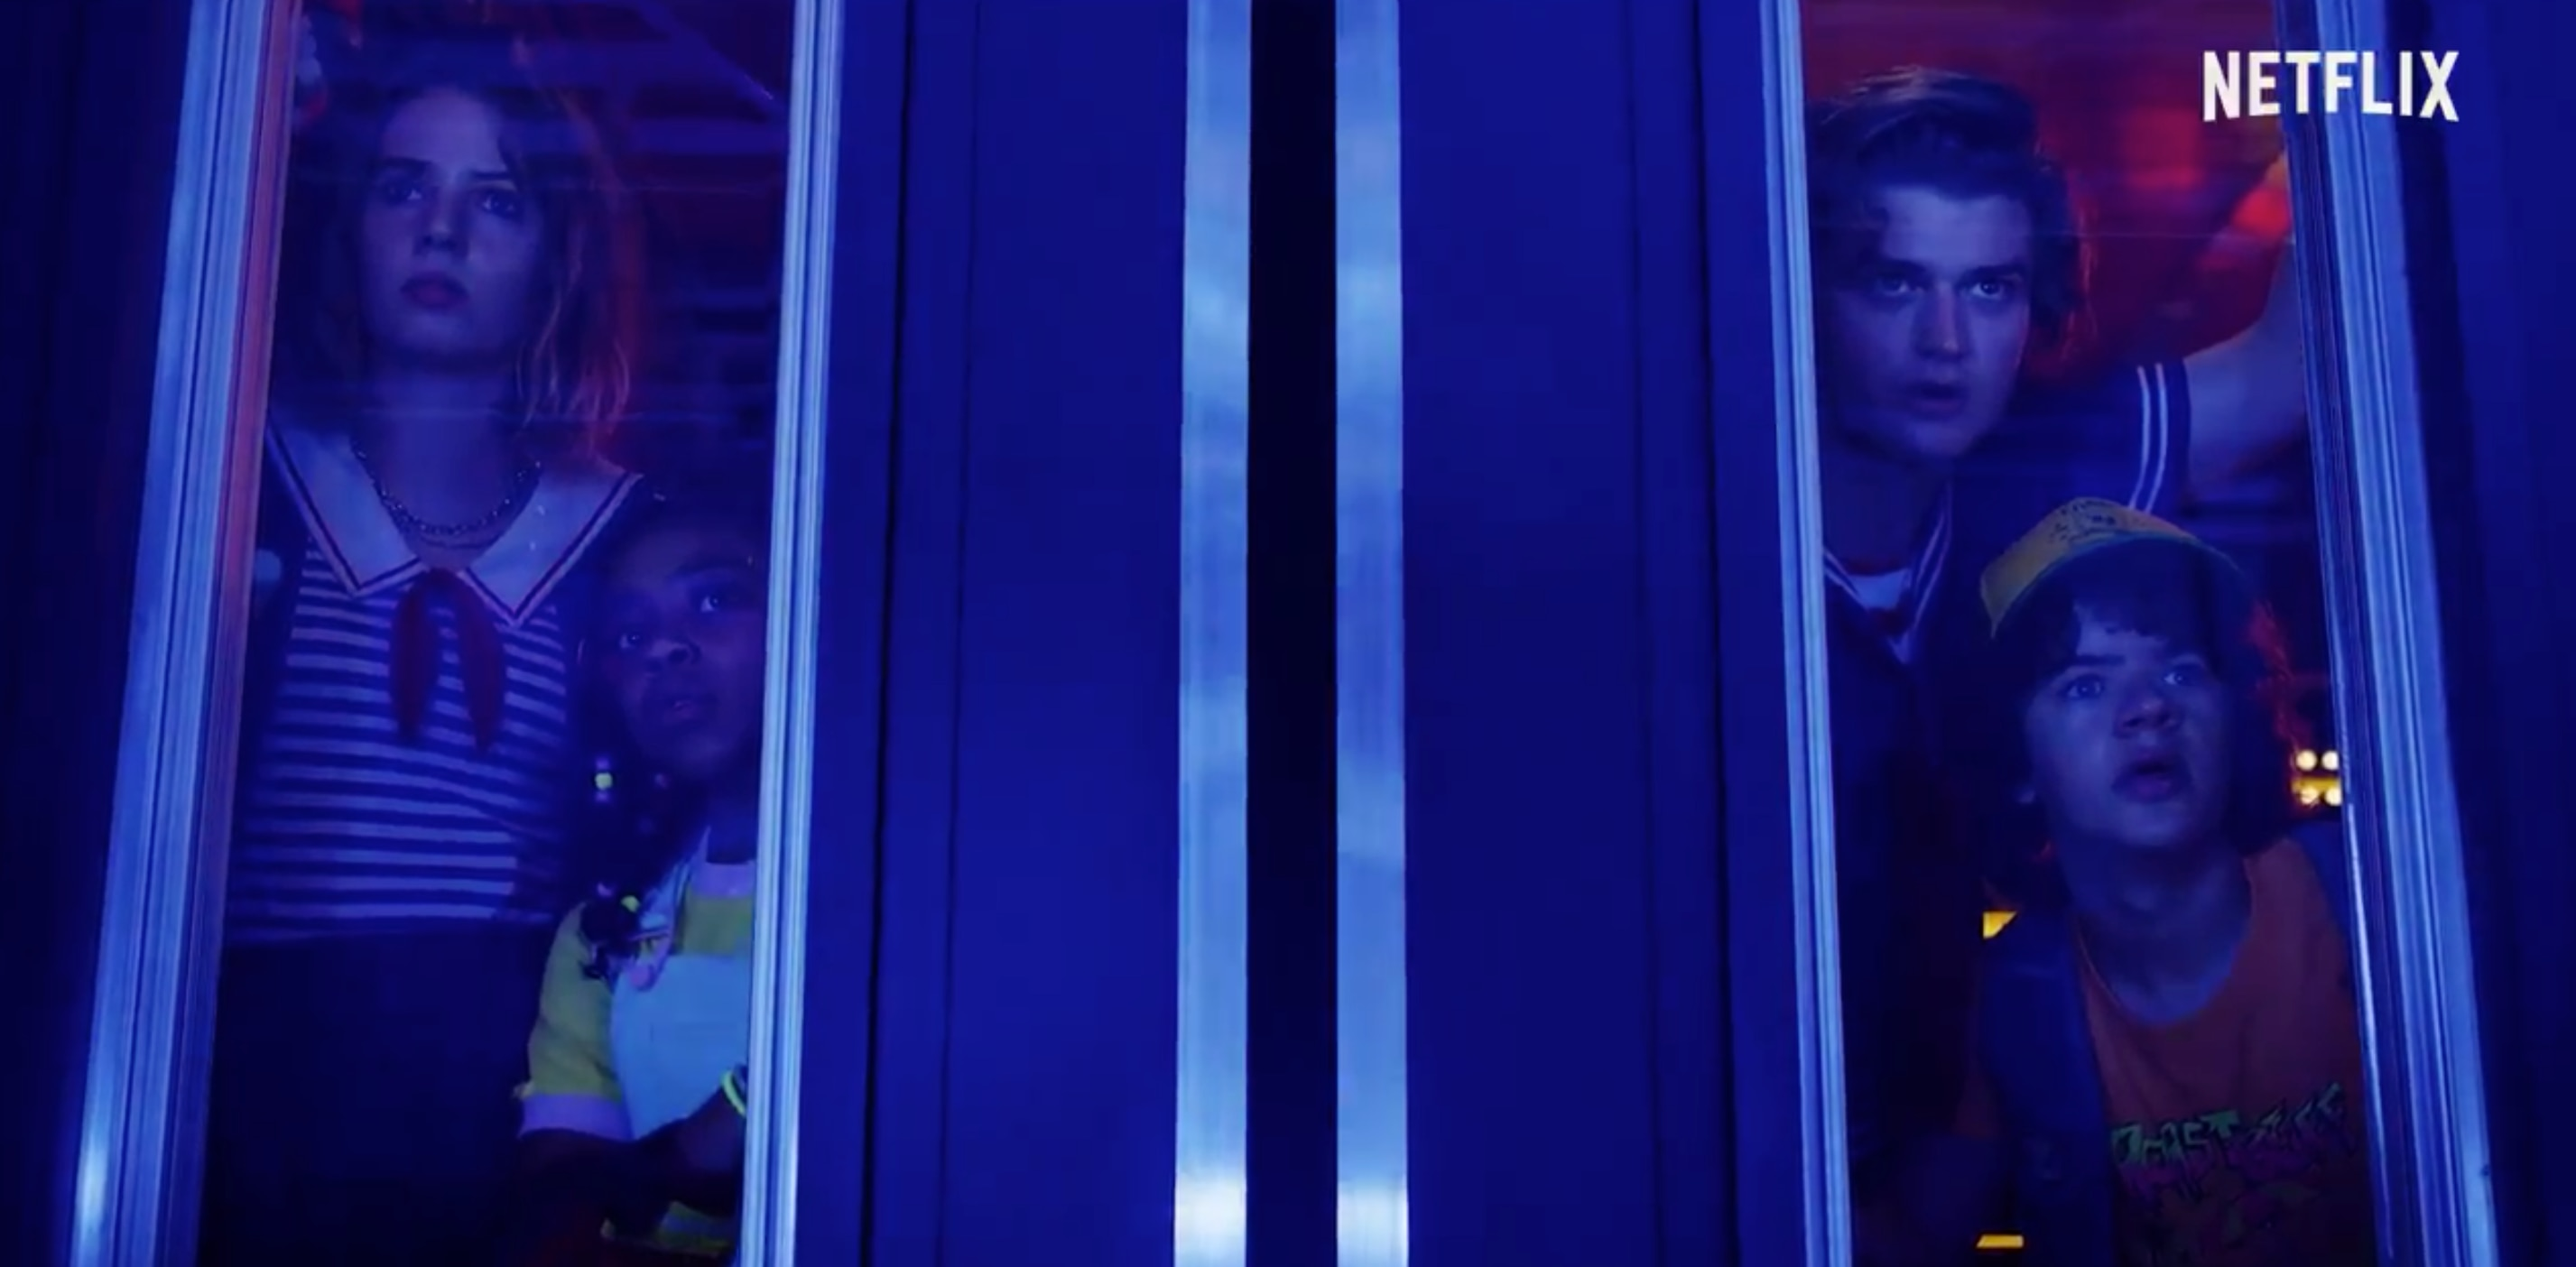 Los protagonistas de la serie se protegen de la amenaza del Demagorgon (Foto: Netflix)